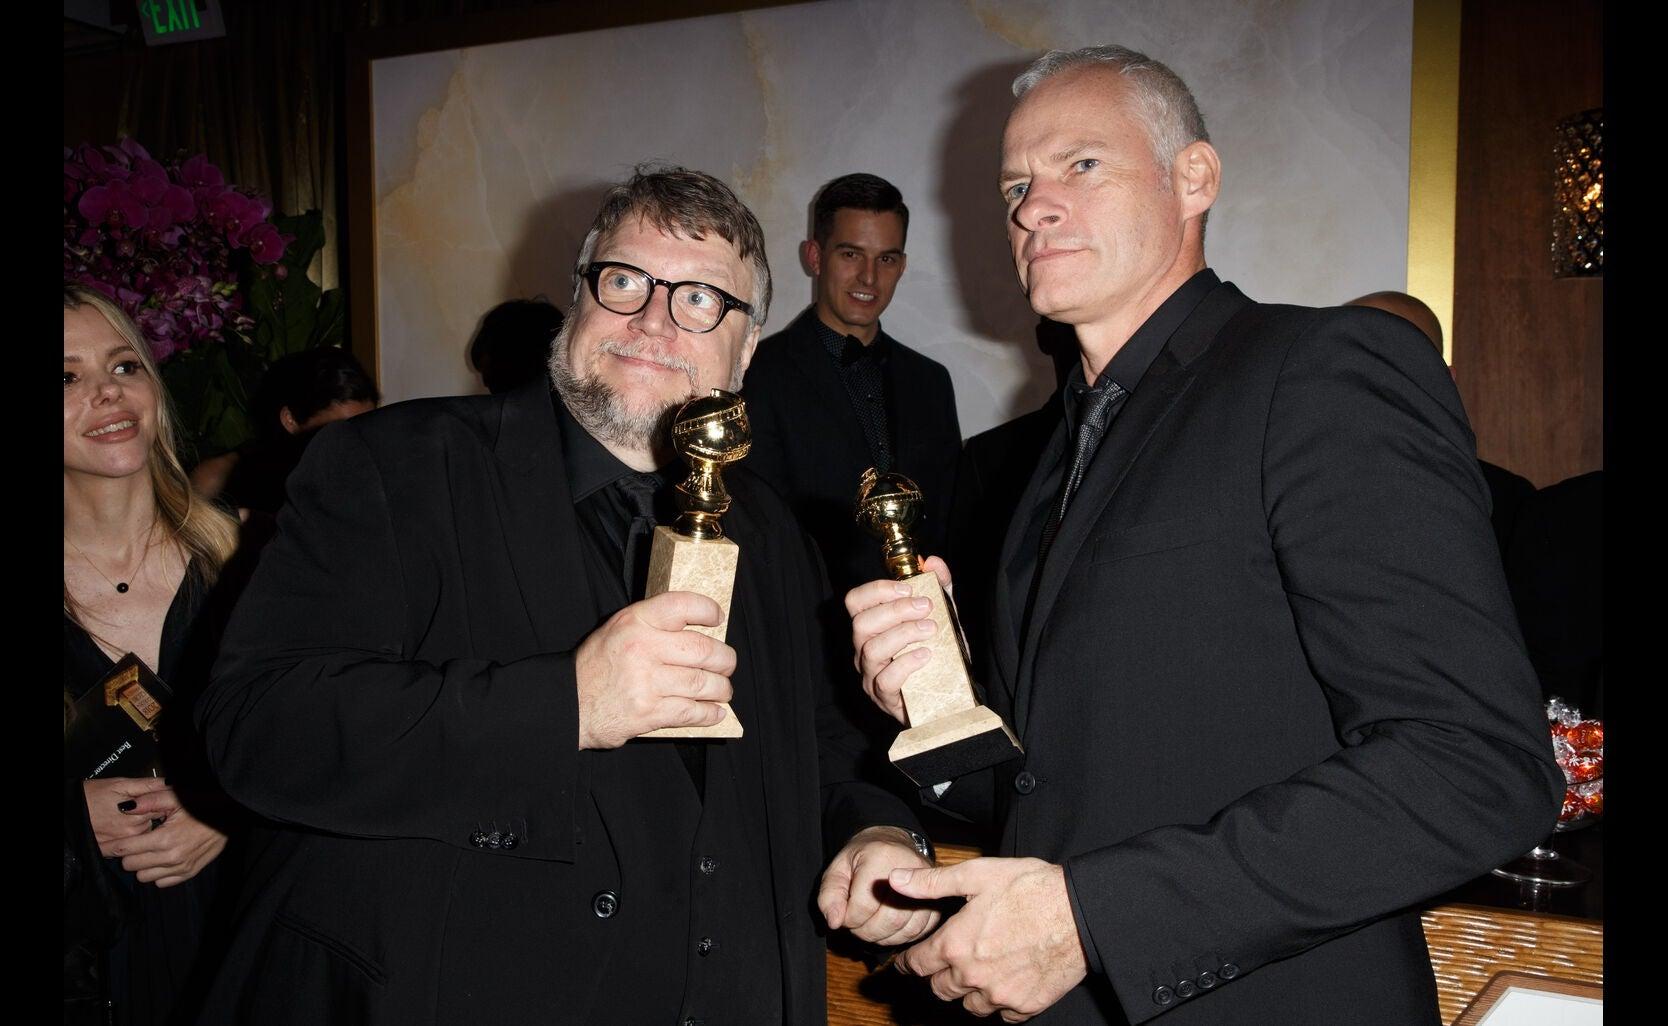 Directors Gui;lermo del Toro and Martin McDonagh